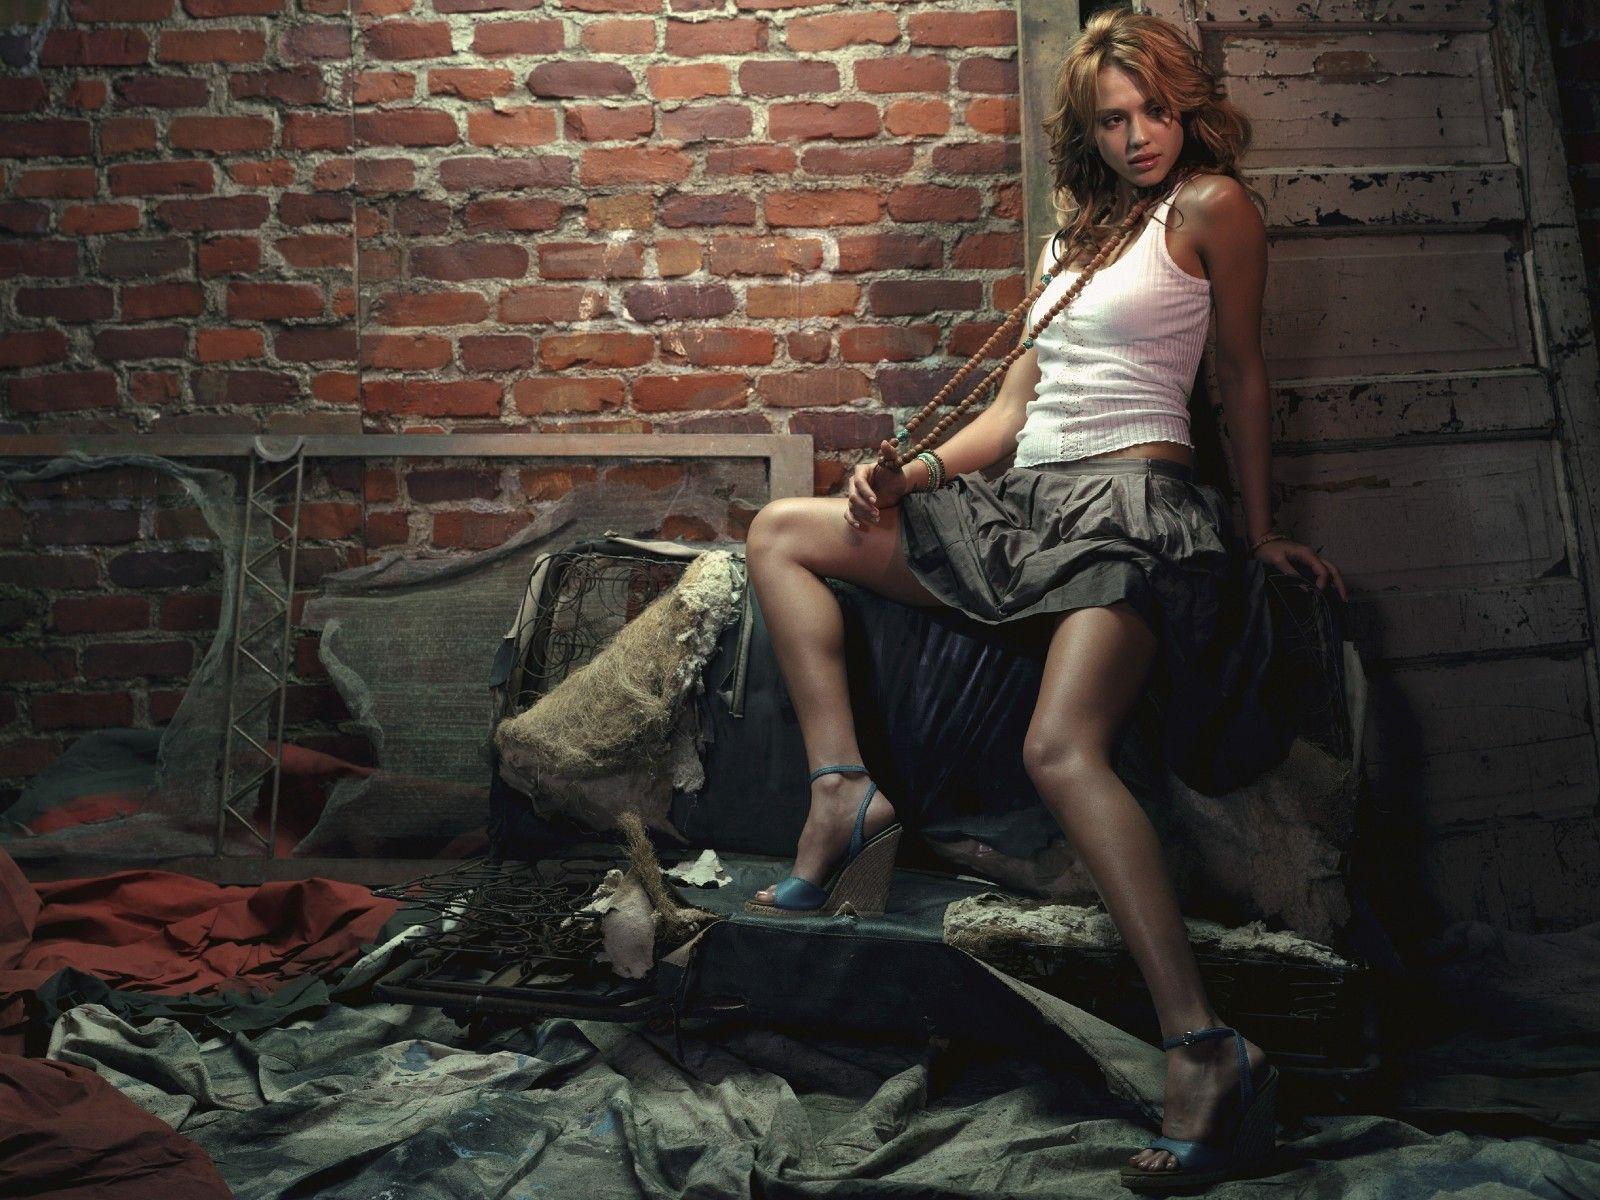 http://2.bp.blogspot.com/-MtjC8lEdqKk/Ty190NX97rI/AAAAAAAAA4M/OQZPkA0dYLw/s1600/1-+Jessica+Alba+1600X1200.jpg